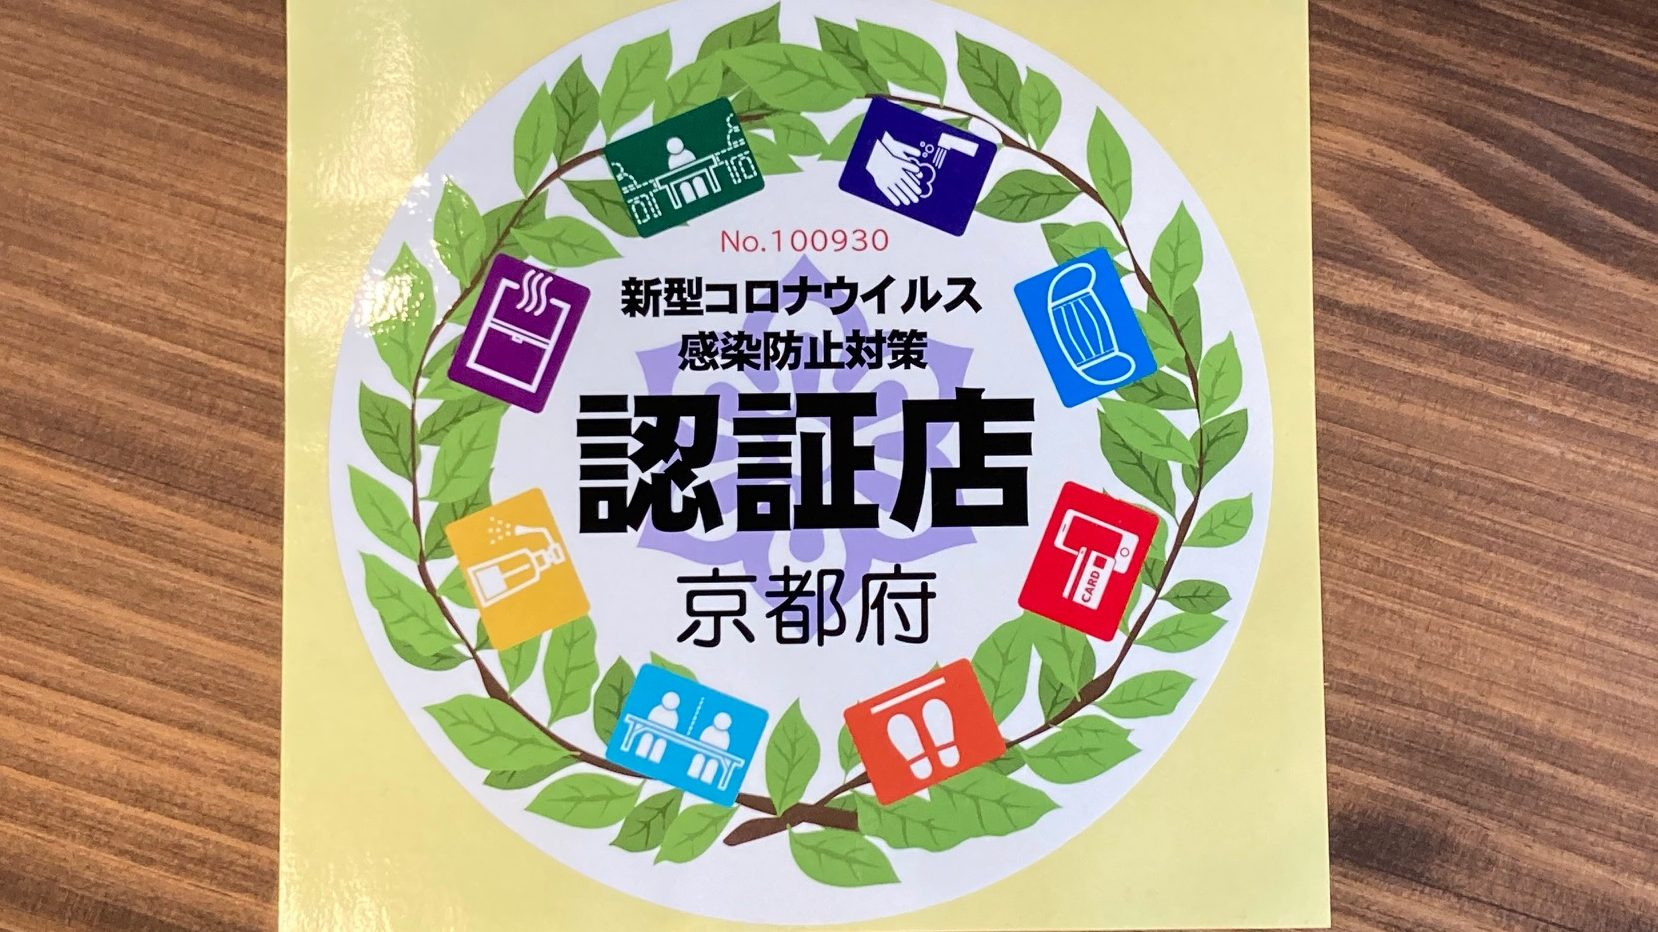 京都府新型コロナウイルス感染防止対策認証店ステッカーが届きました